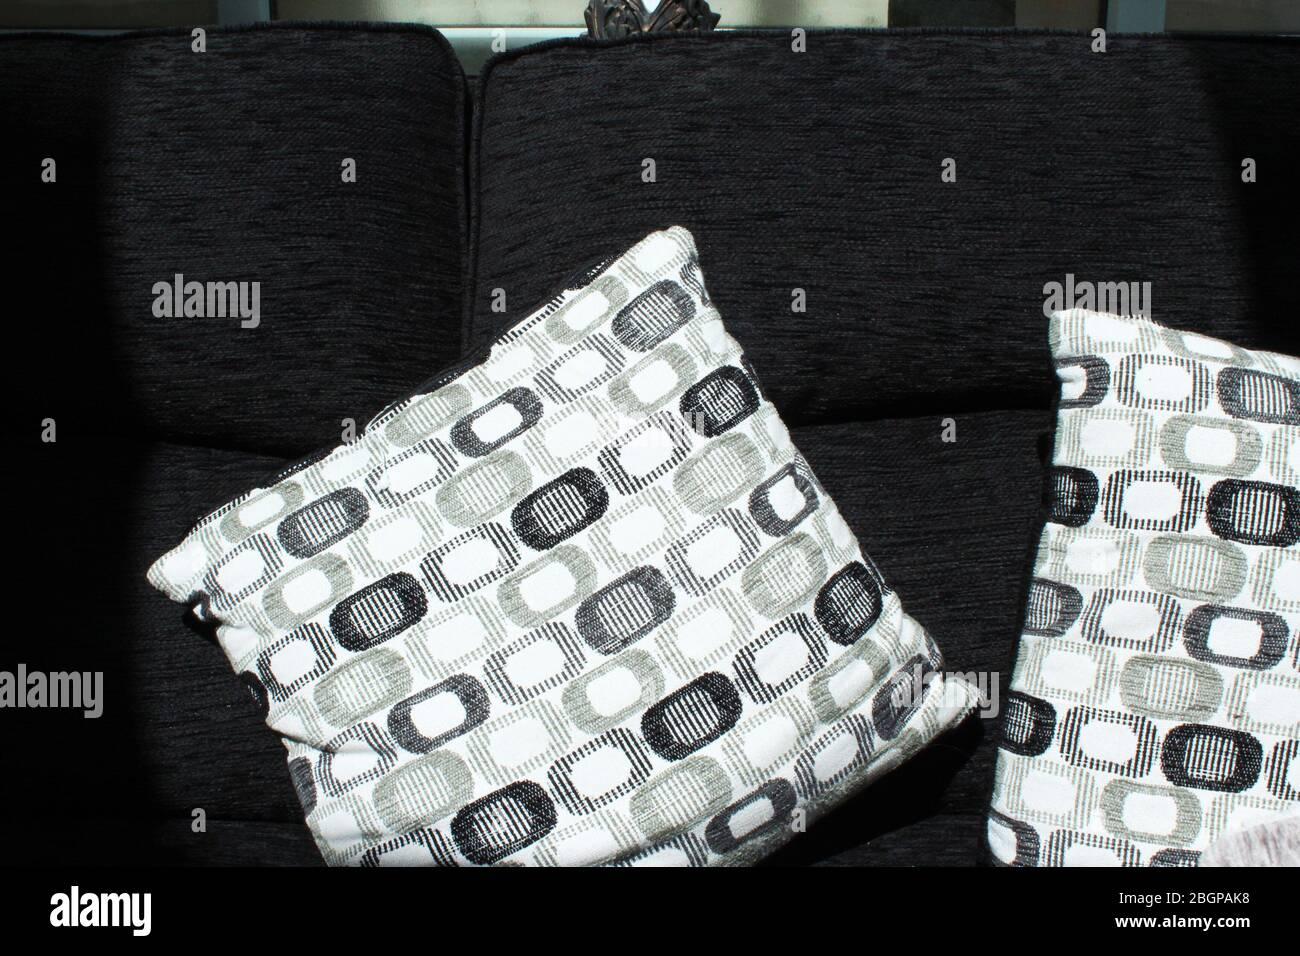 Cuscini Bianchi E Neri divano nero immagini & divano nero fotos stock - alamy